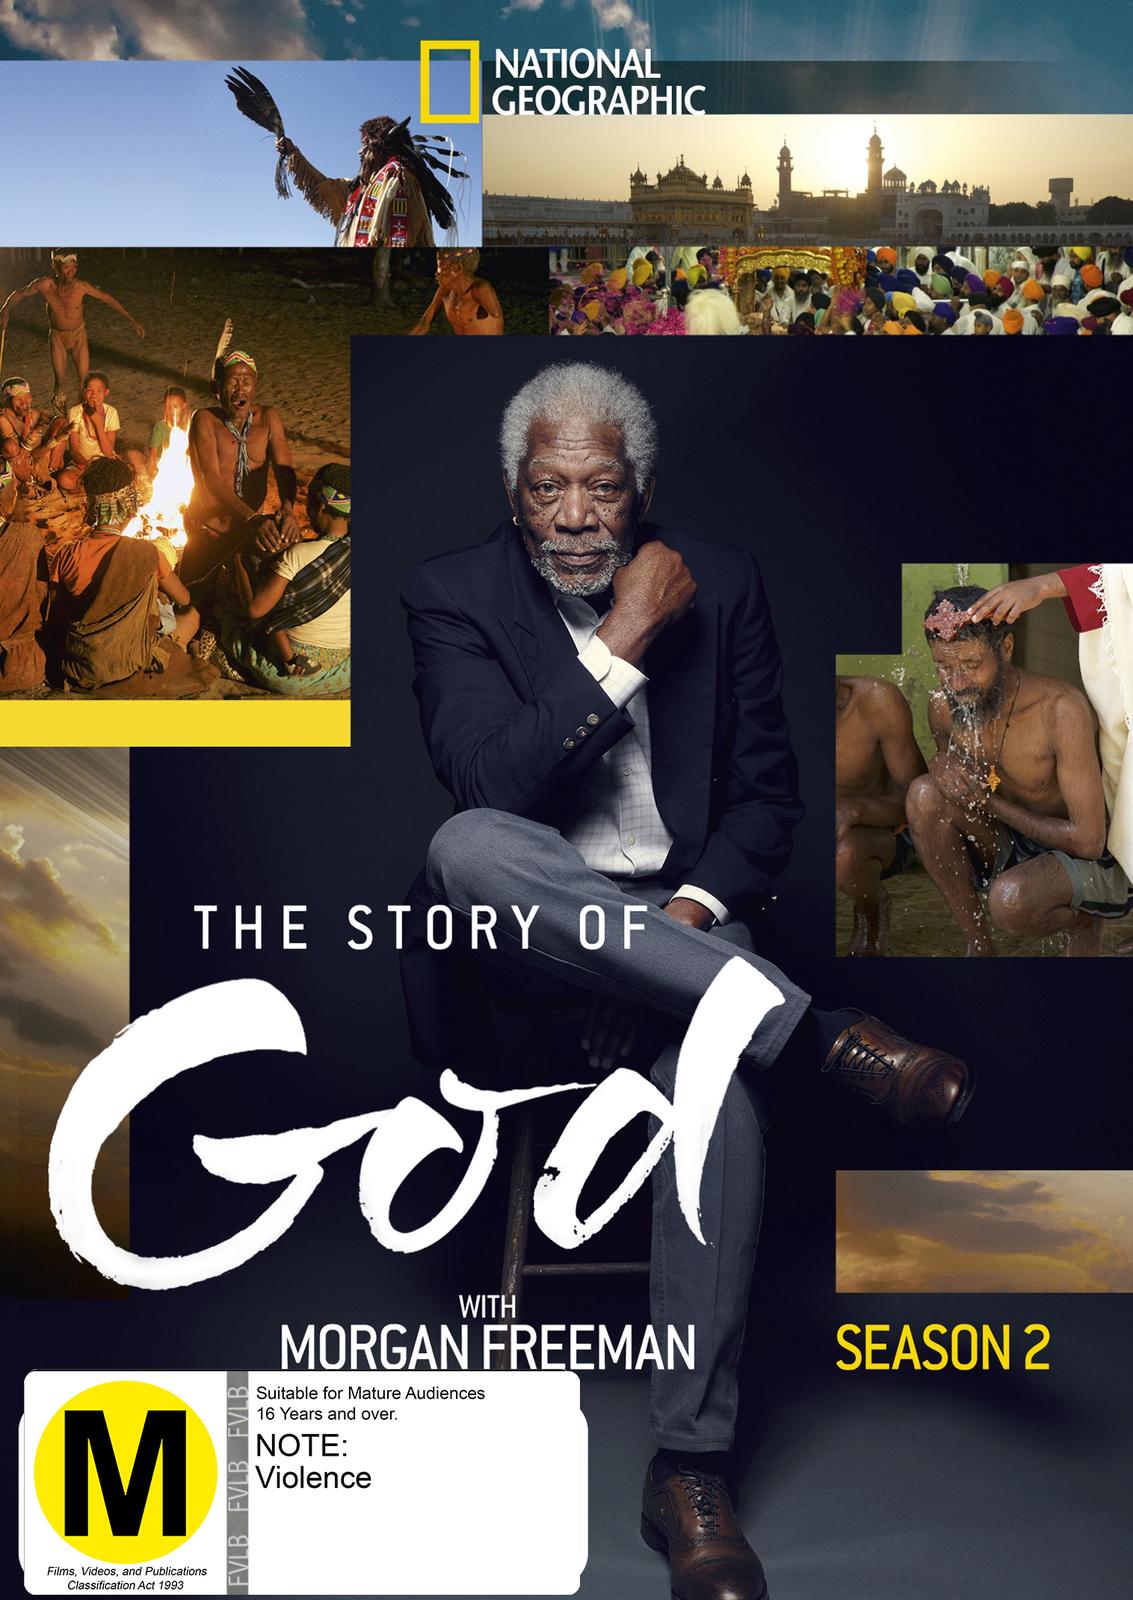 The Story Of God with Morgan Freeman - Season 2 on DVD image